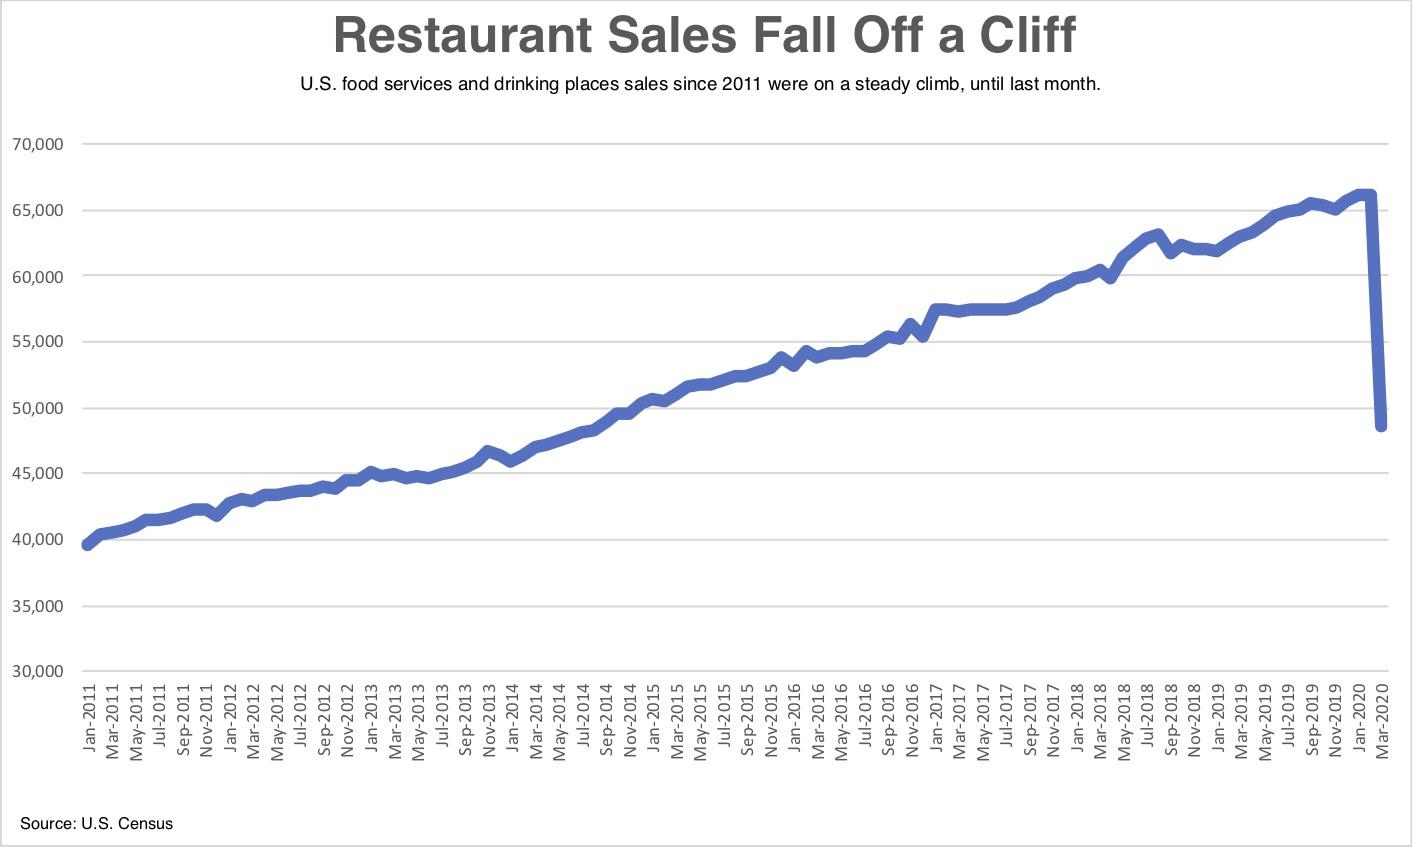 Restaurant Sales Census